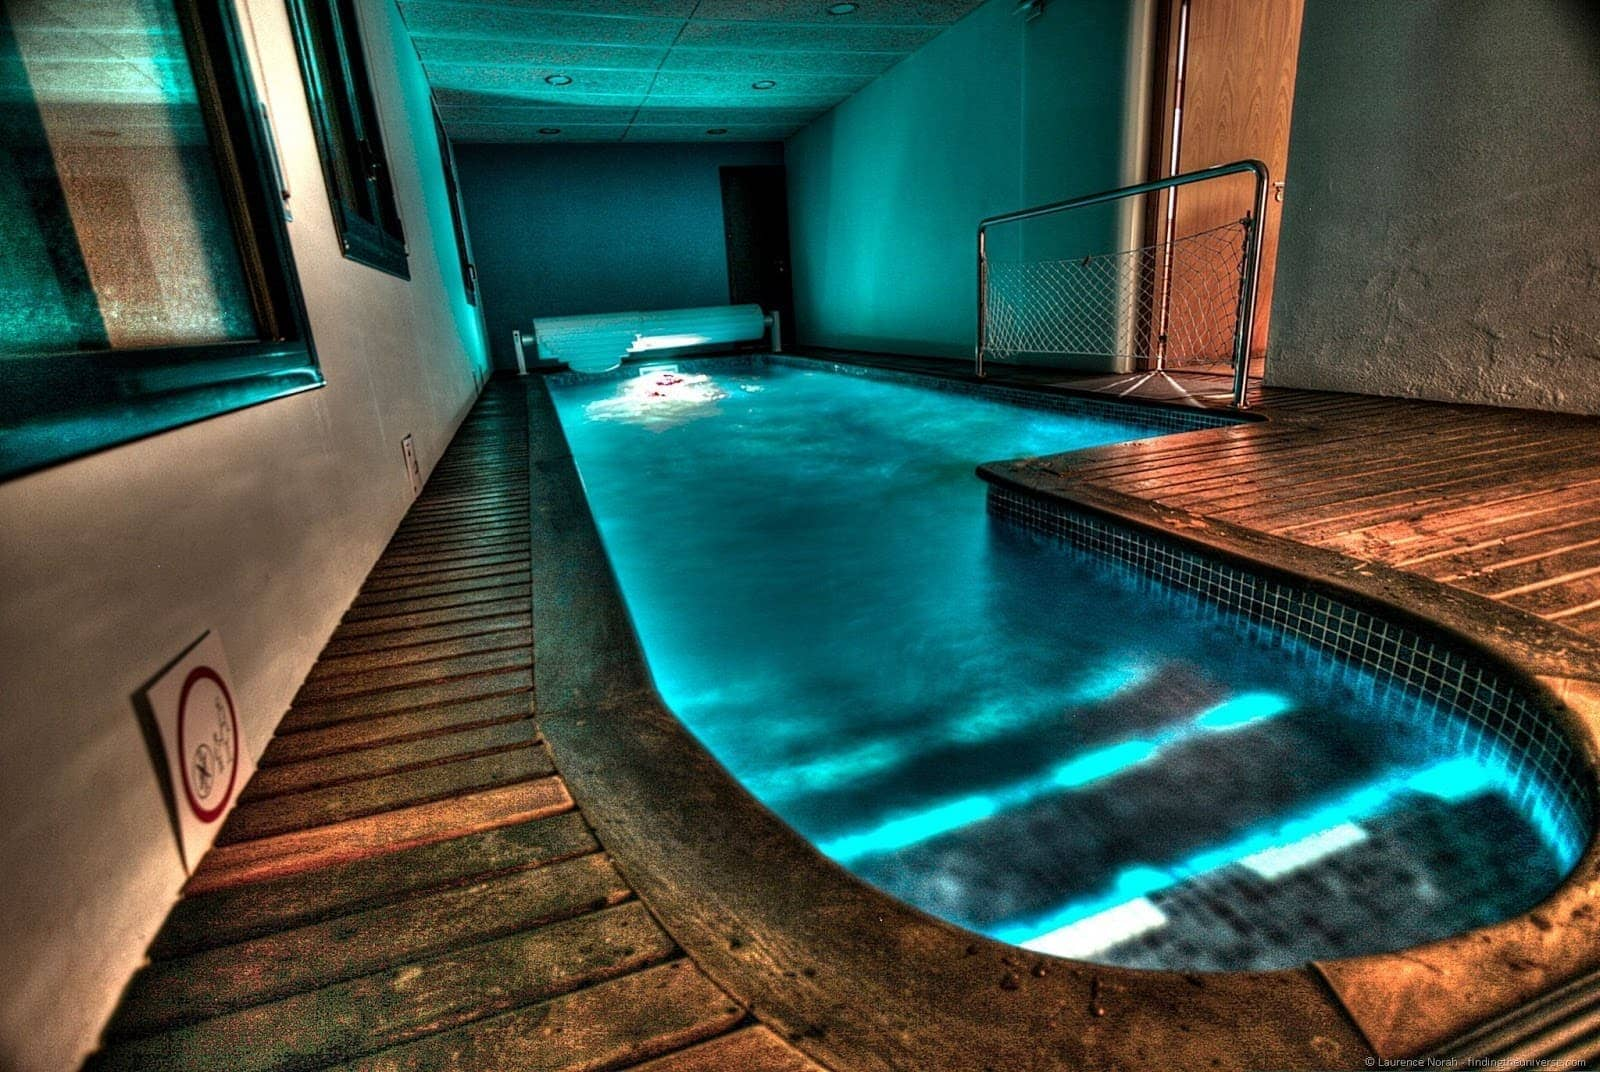 Naturaki led lit pool caseta del mar